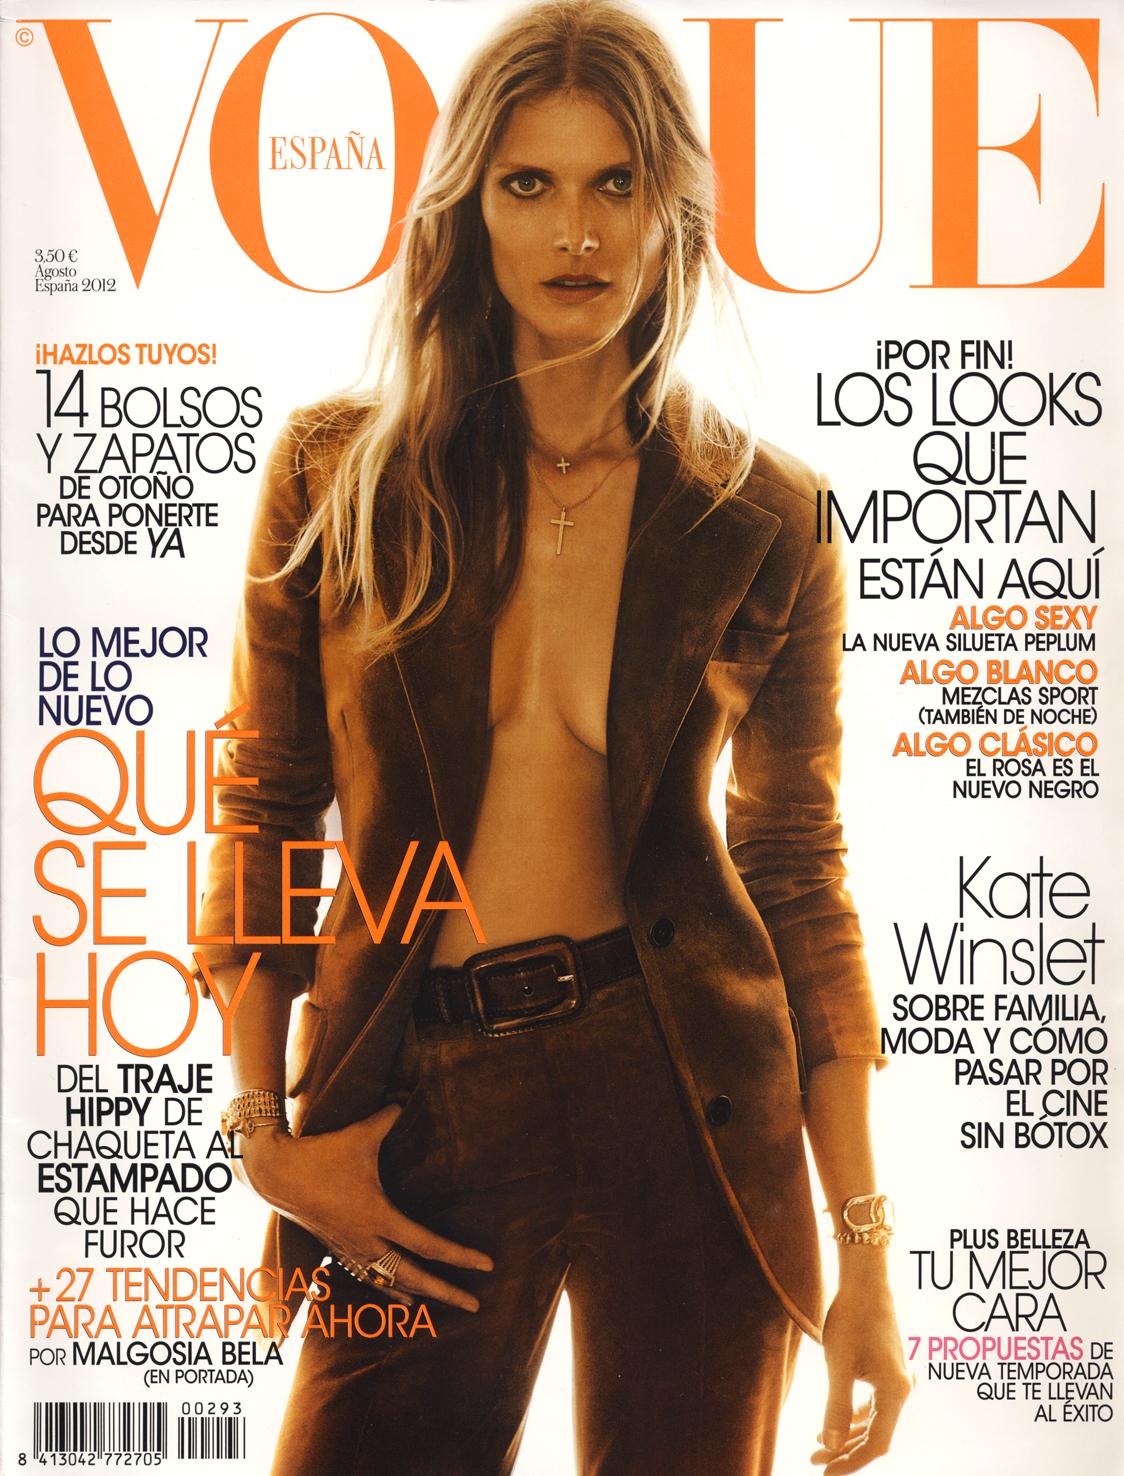 Vogue Spain August 2012.jpg